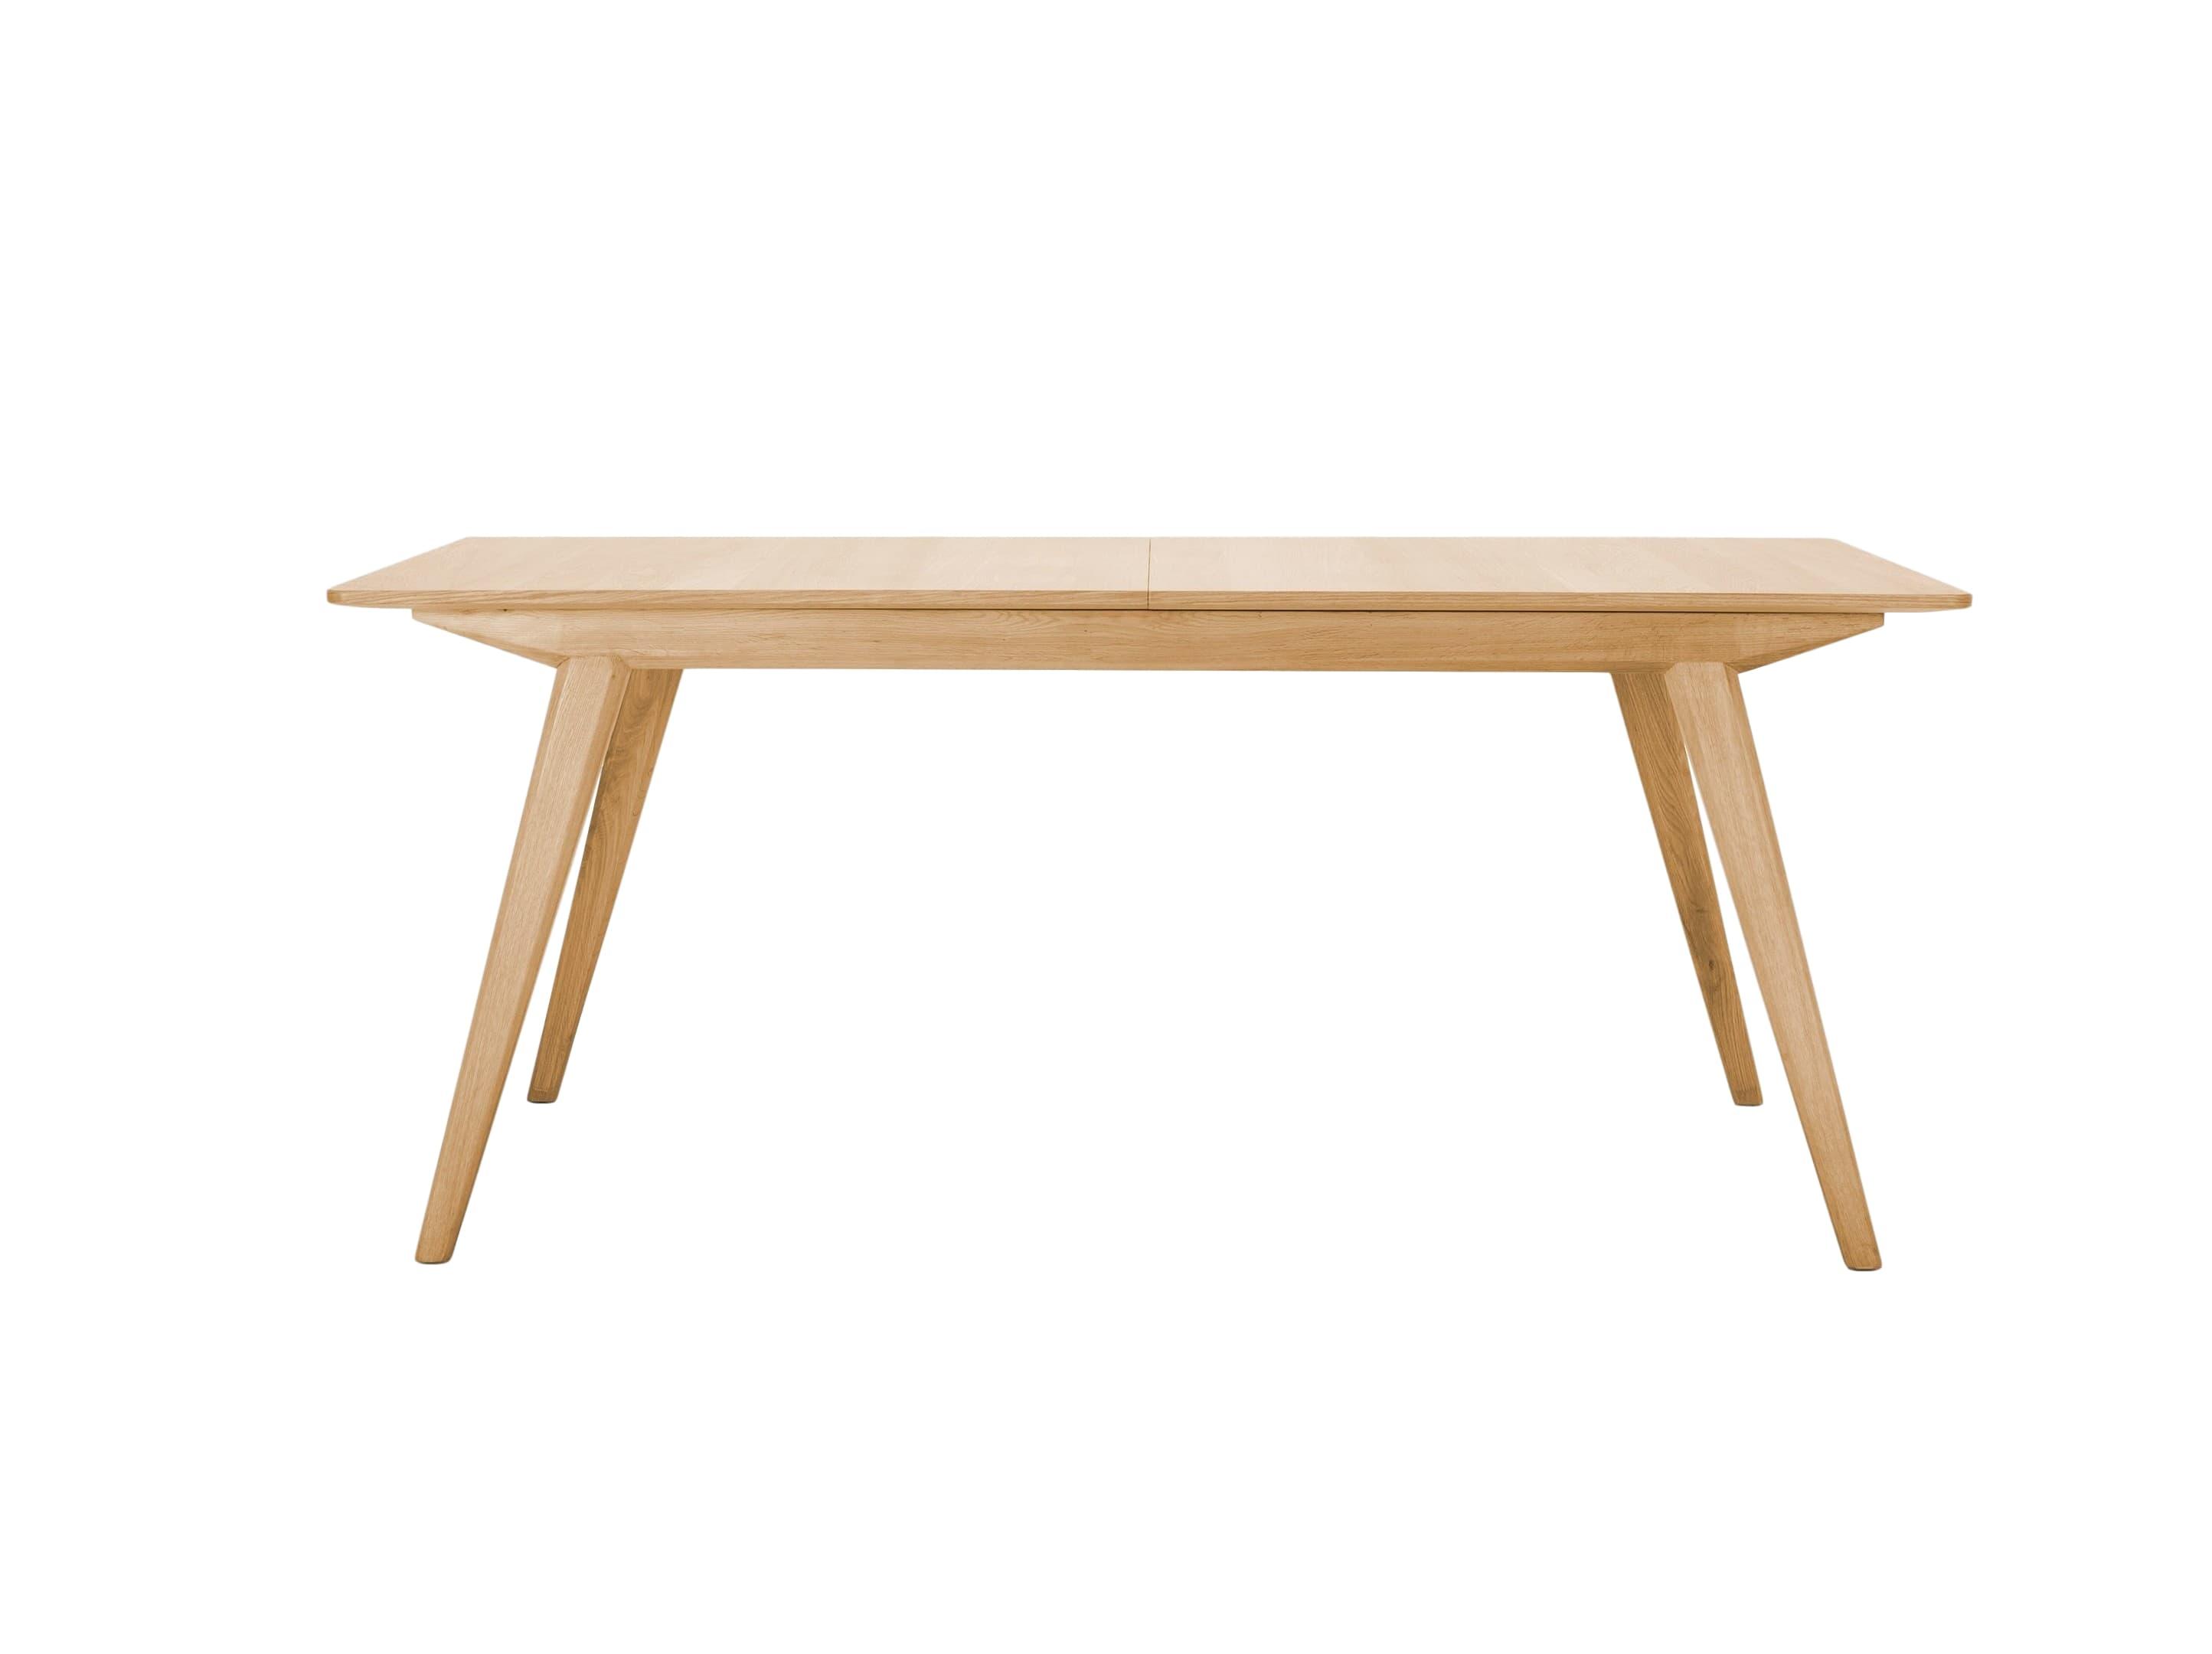 Обеденный стол AveiroОбеденные столы<br>Минимальная ширина стола:&amp;amp;nbsp;180 см.&amp;lt;div&amp;gt;Максимальная ширина стола: 230 см.&amp;lt;/div&amp;gt;<br><br>Material: Бук<br>Width см: 230<br>Depth см: 75<br>Height см: 93